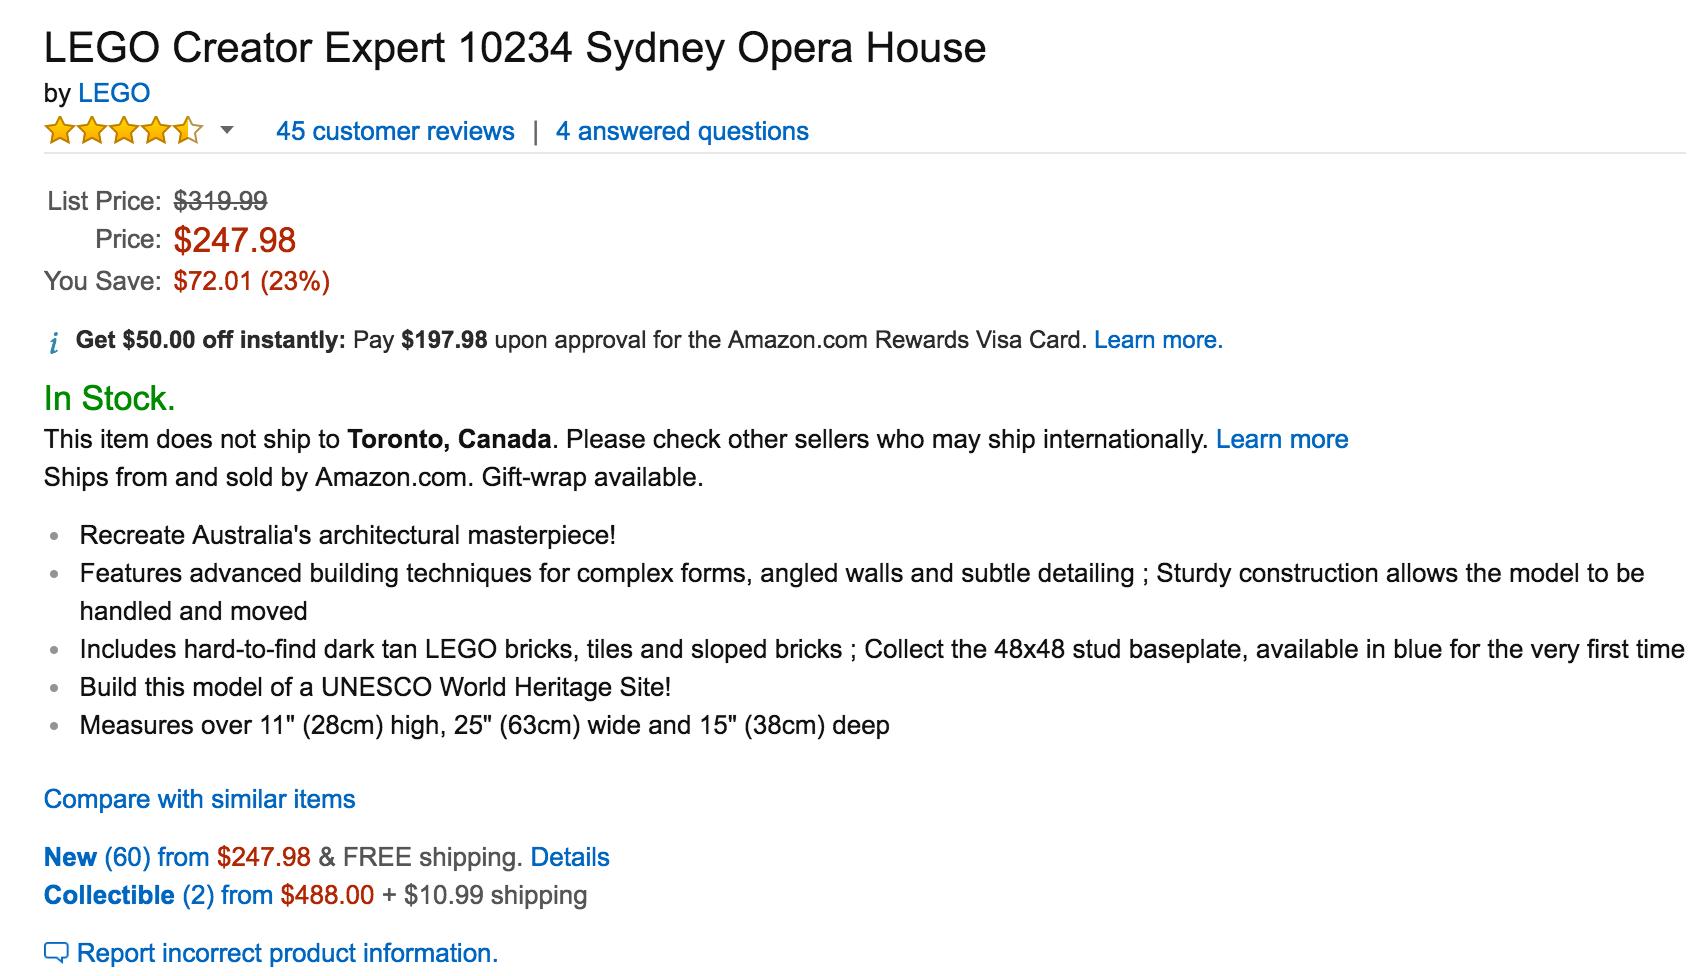 lego-creator-expert-sydney-opera-house-10234-3